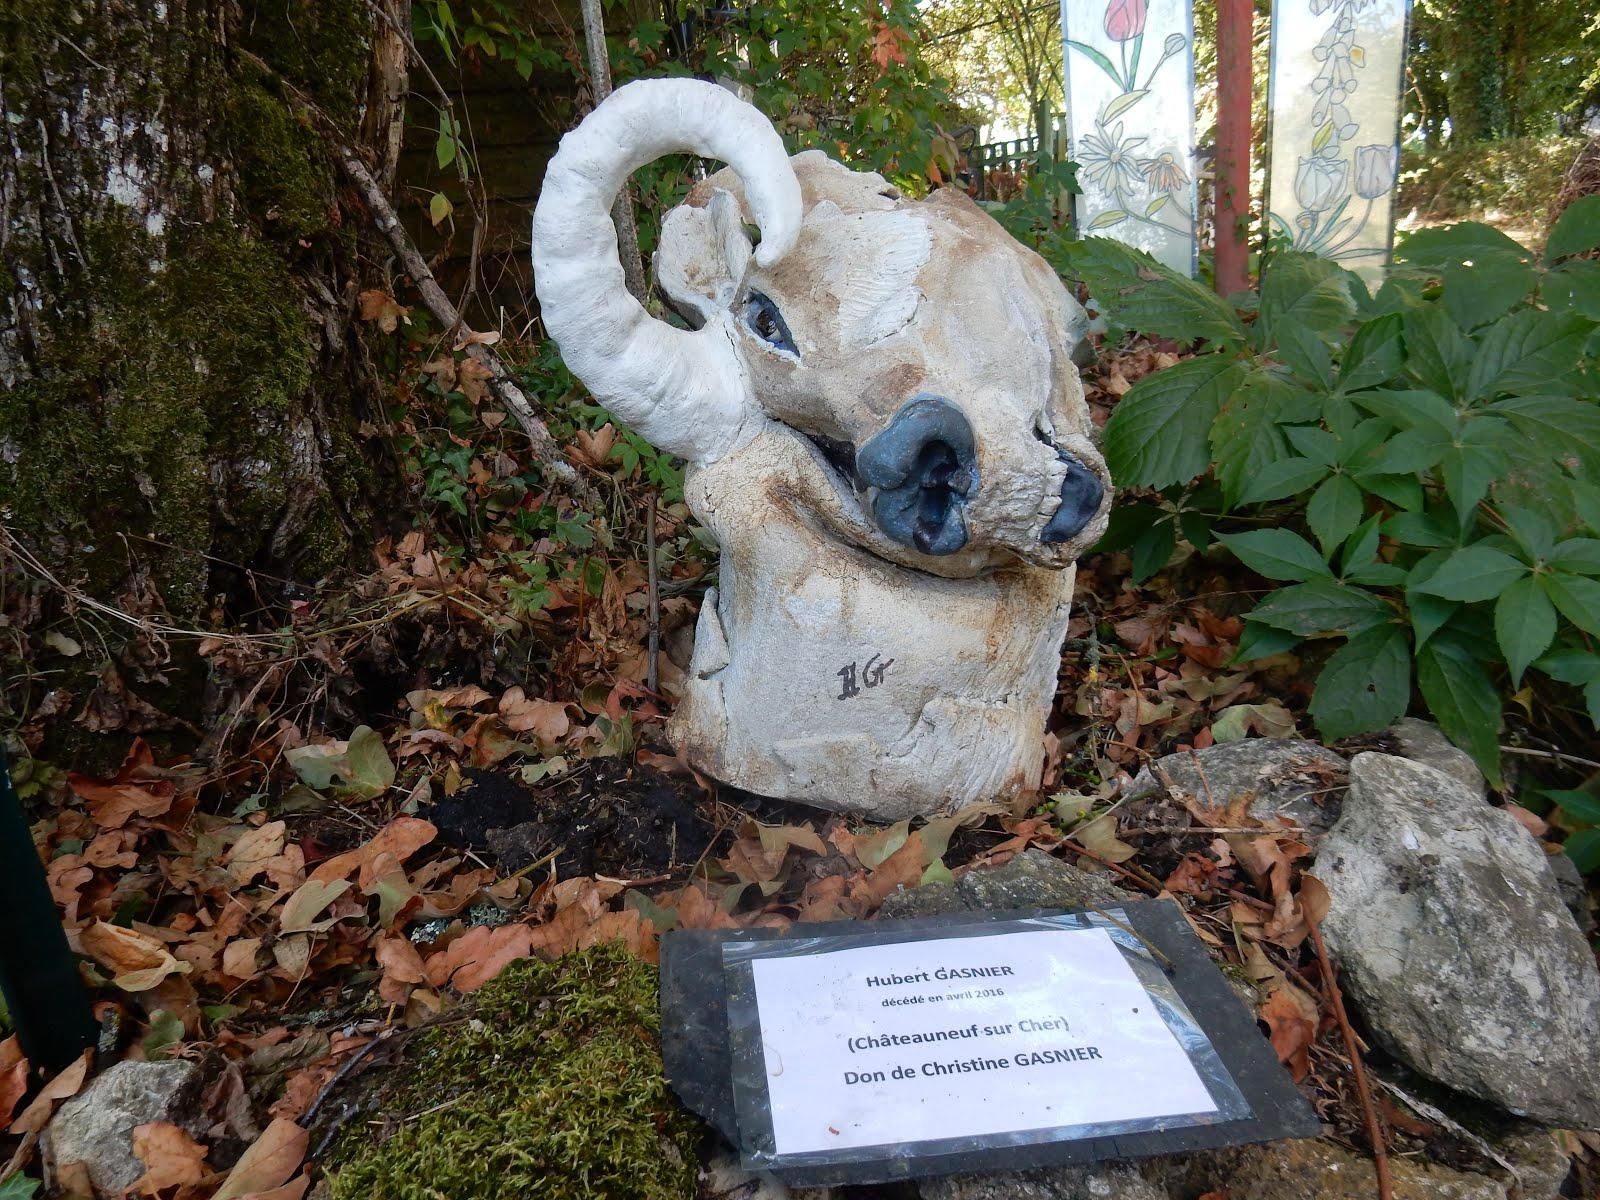 Tête de buffle étrangement présentée par Hubert Gasnier